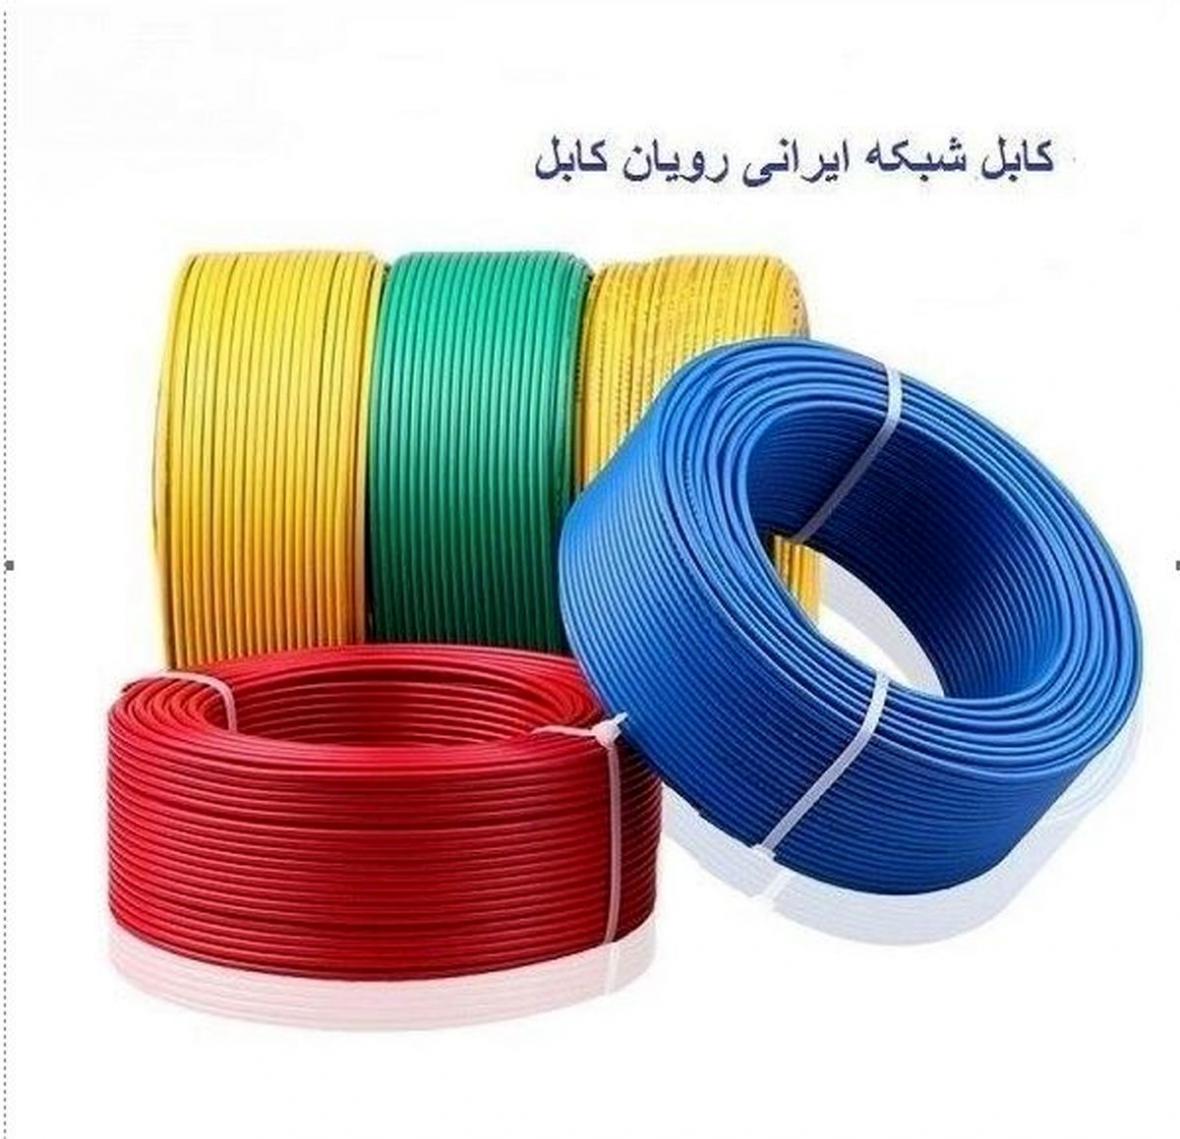 انواع مختلف کابل شبکه ایرانی فراوری رویان کابل